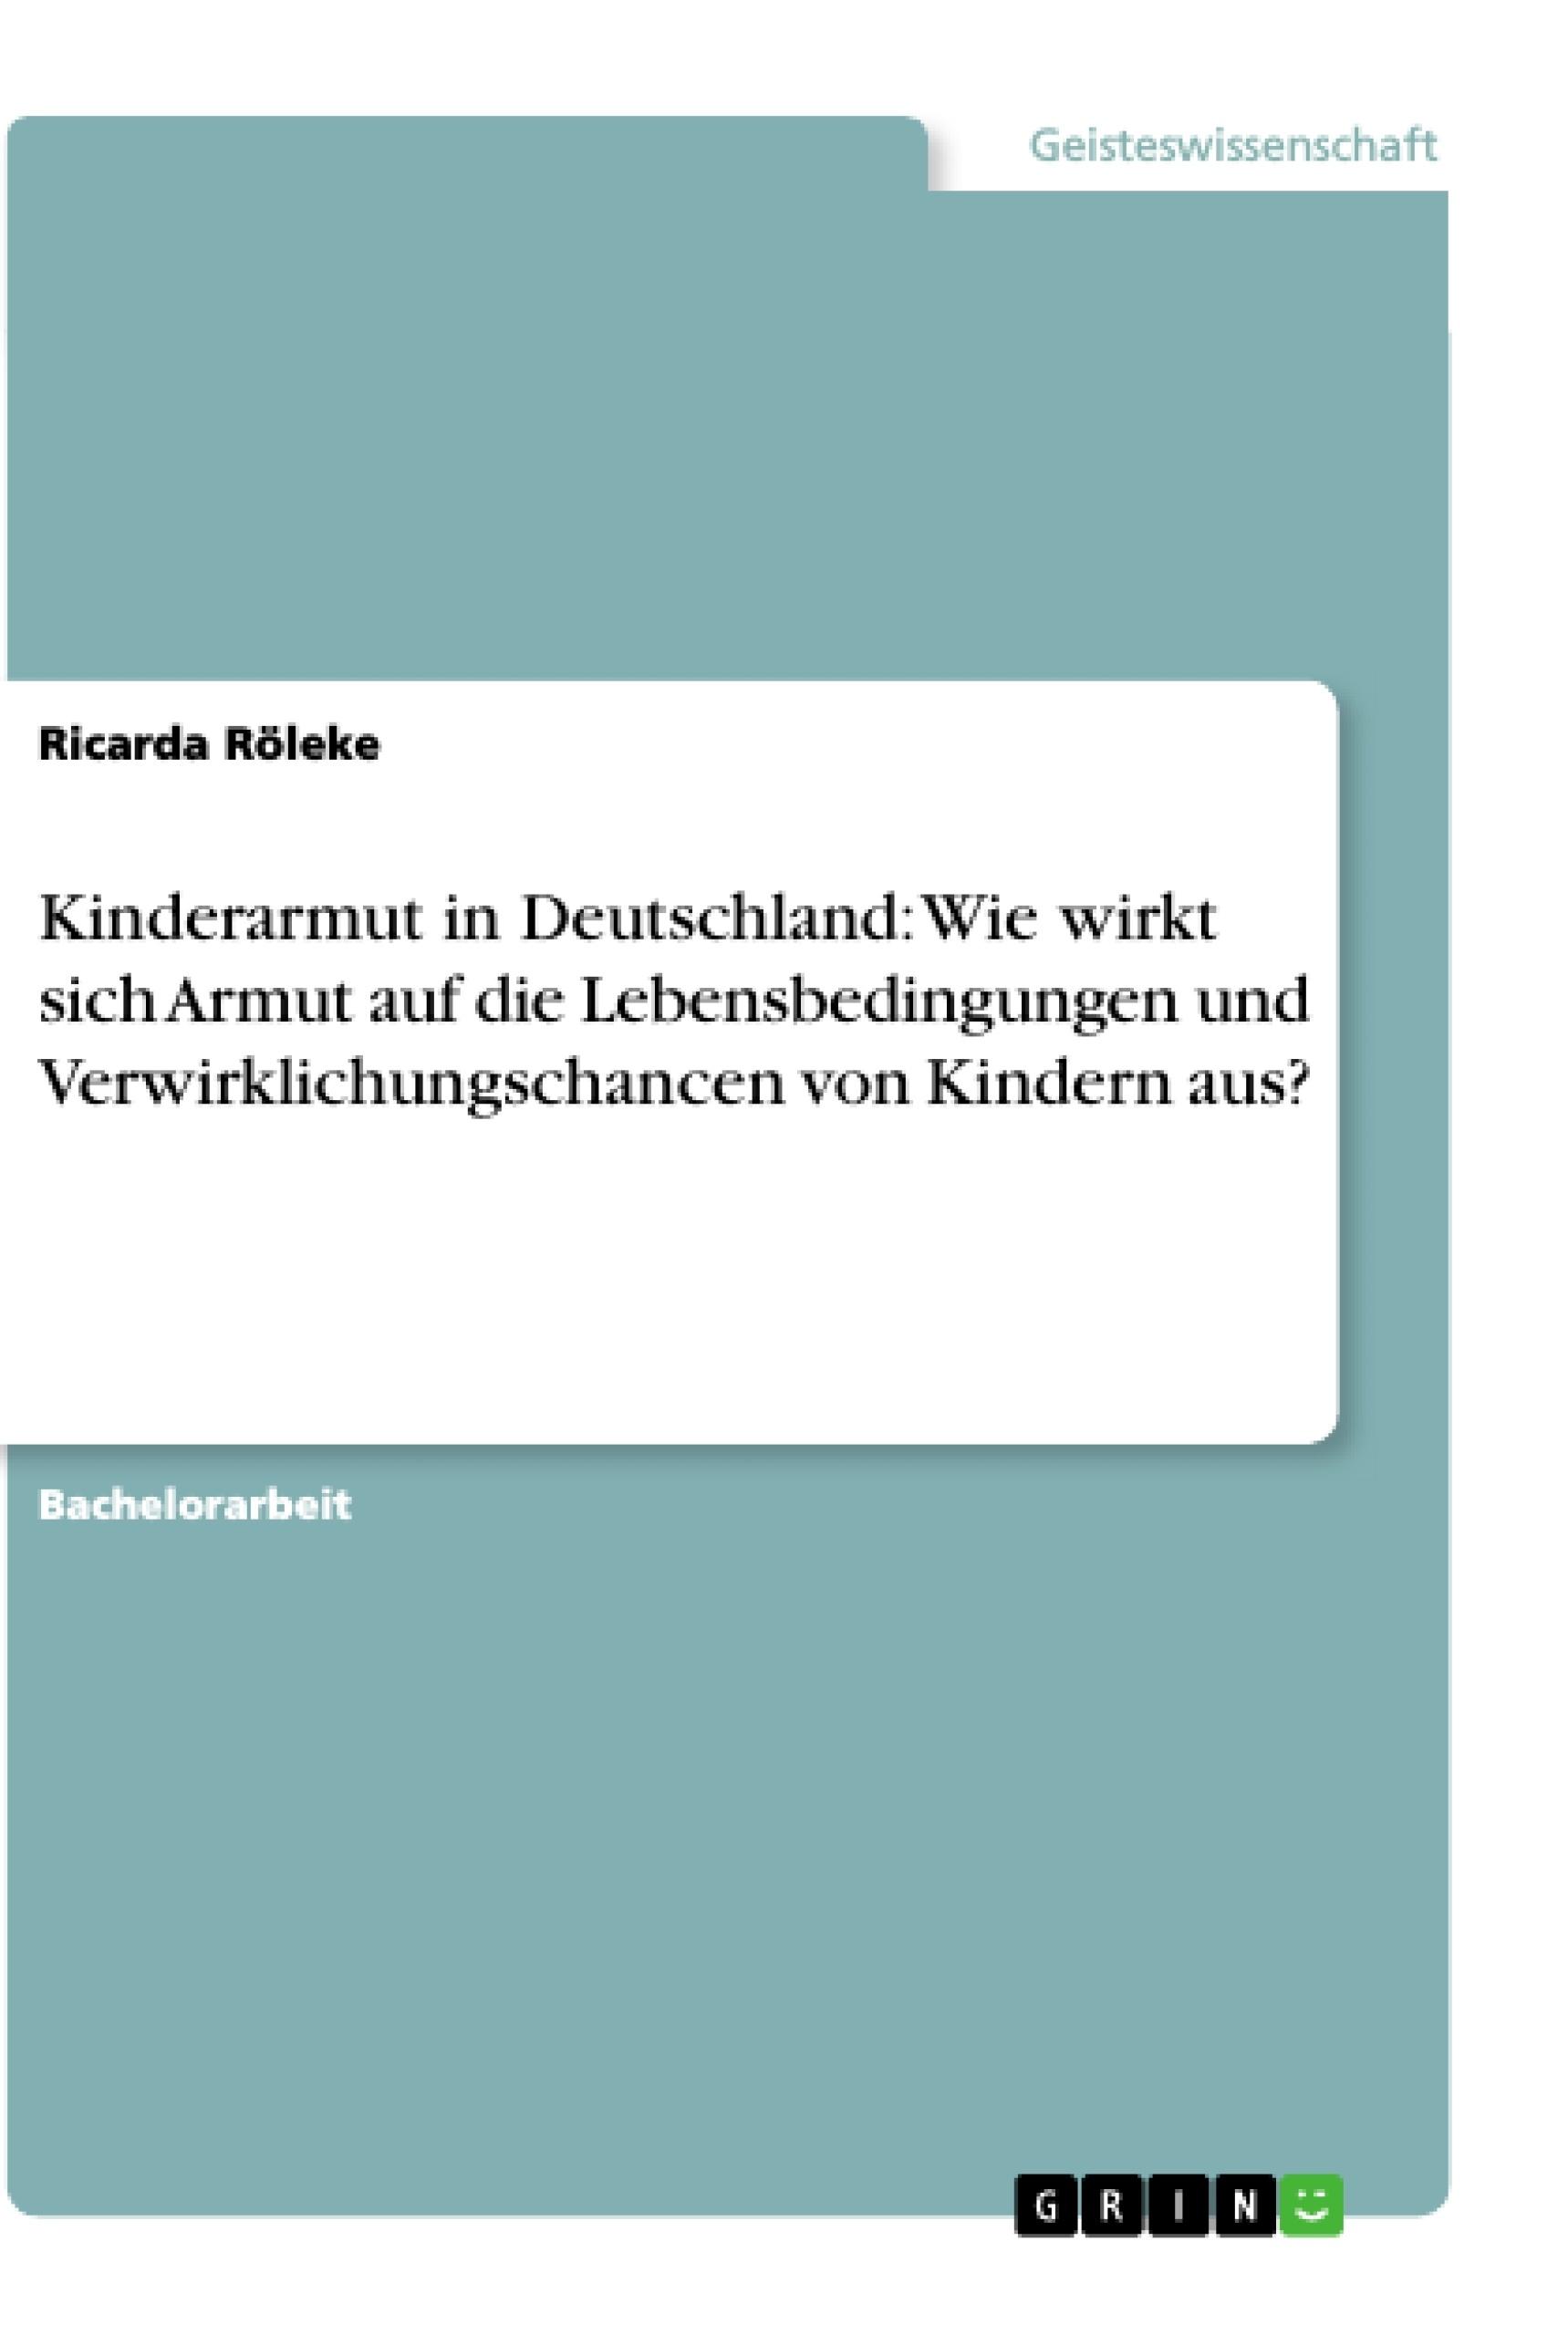 Titel: Kinderarmut in Deutschland: Wie wirkt sich Armut auf die Lebensbedingungen und Verwirklichungschancen von Kindern aus?